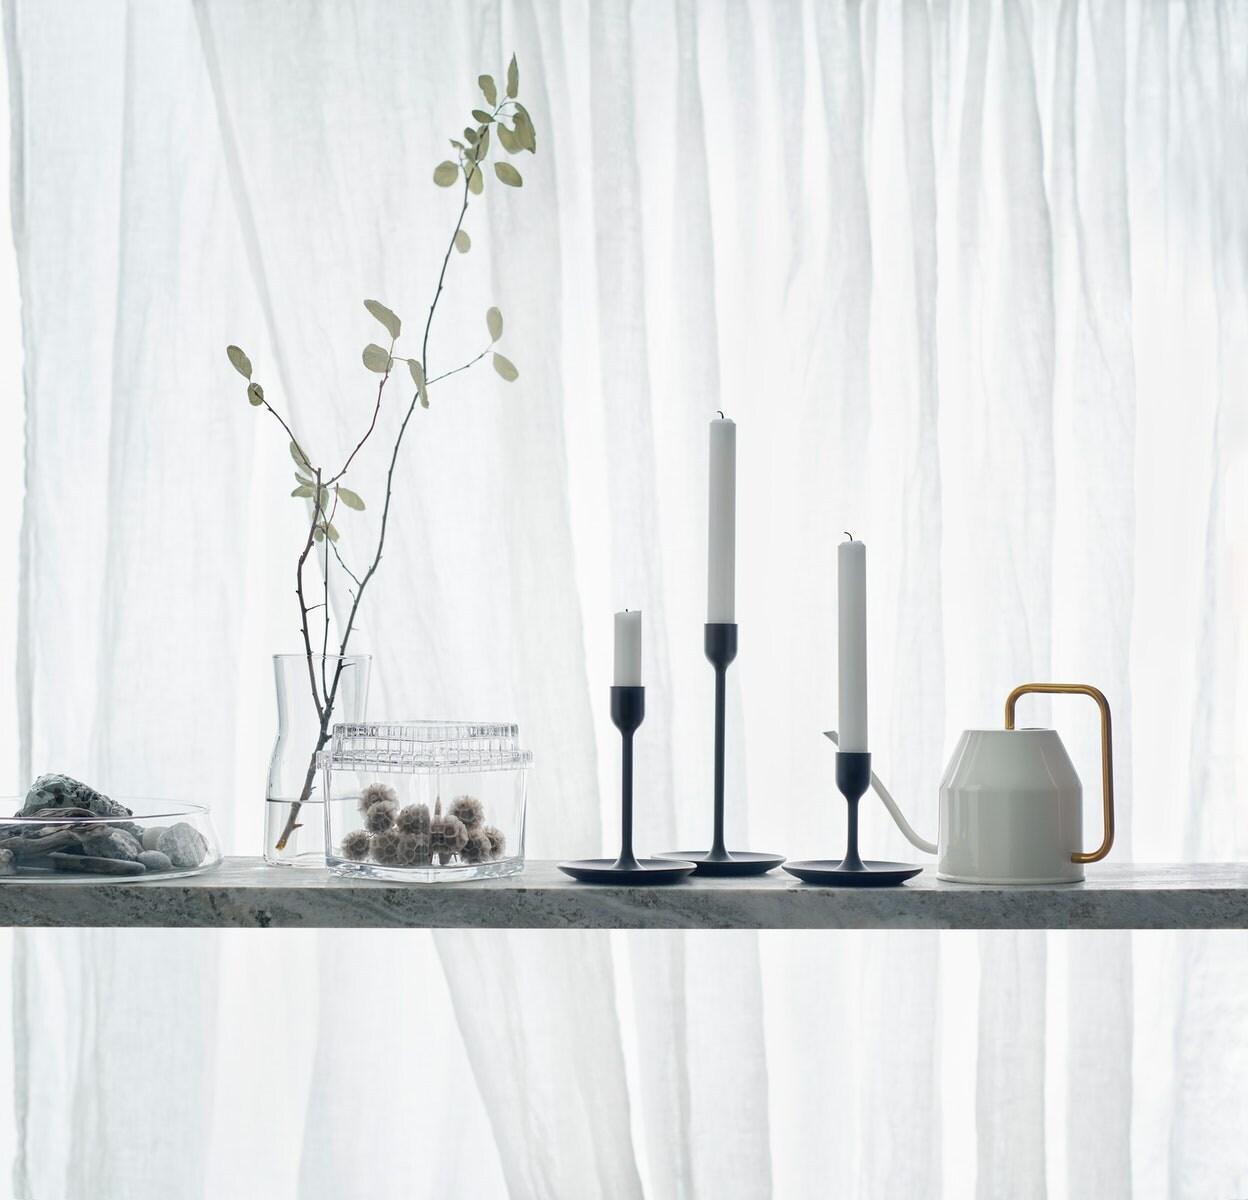 Drei FULLTALIG Kerzenständer in Schwarz in verschiedenen Höhen vor einem weißen Hintergrund, daneben stehen eine Gießkanne und Glasbehälter.